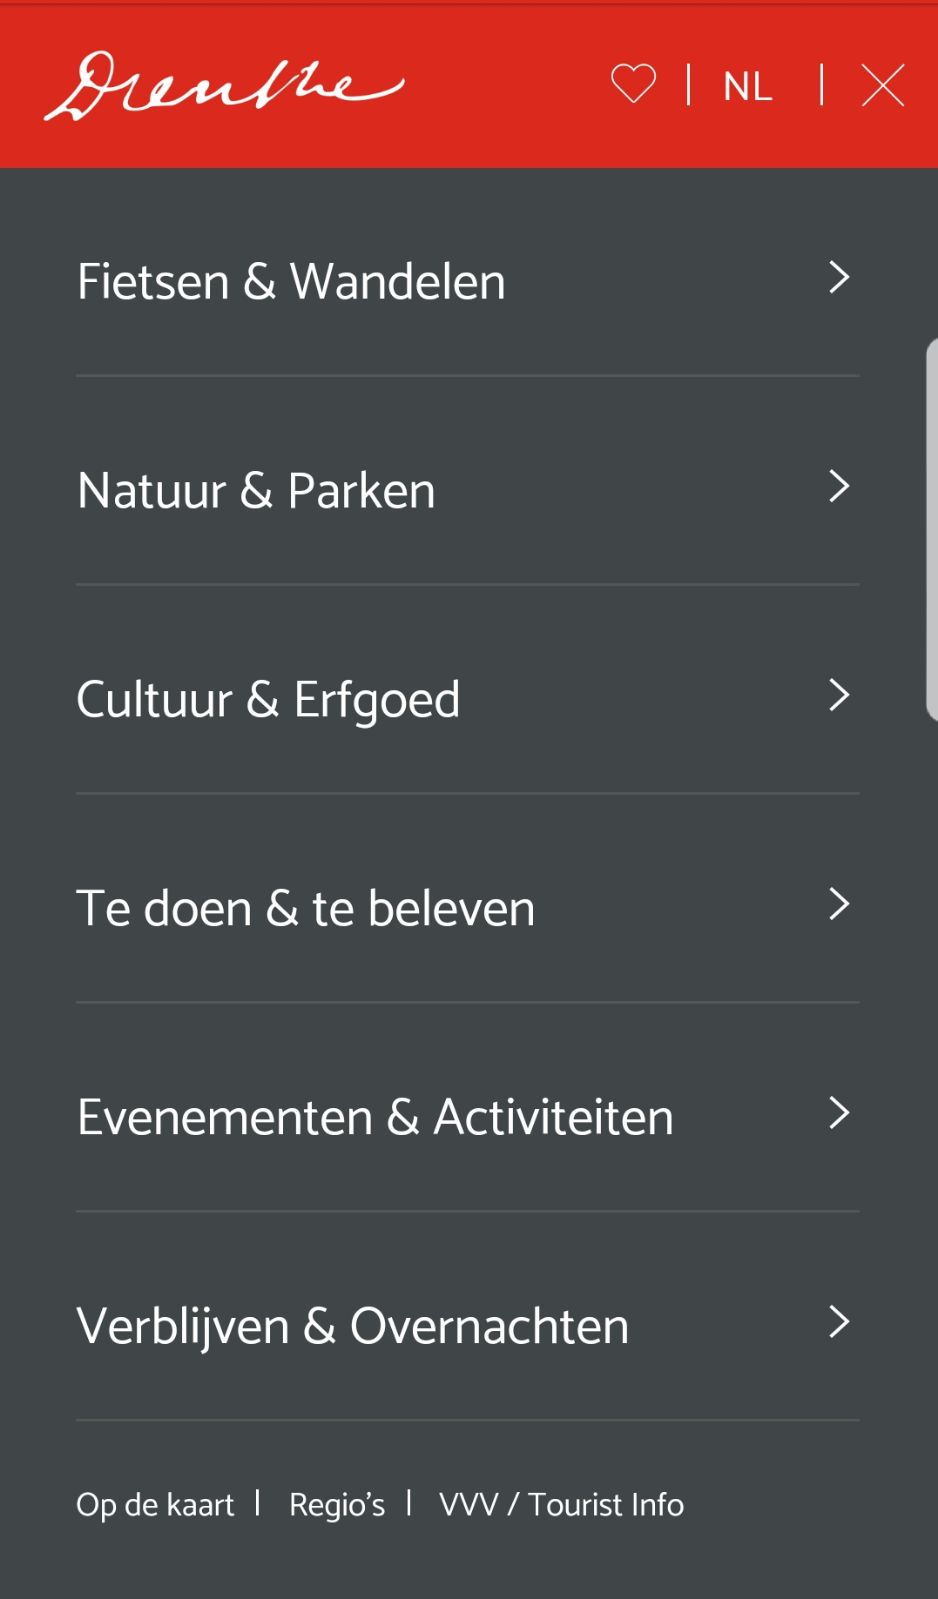 Drenthe, de site voor uitjes in Drenthe.